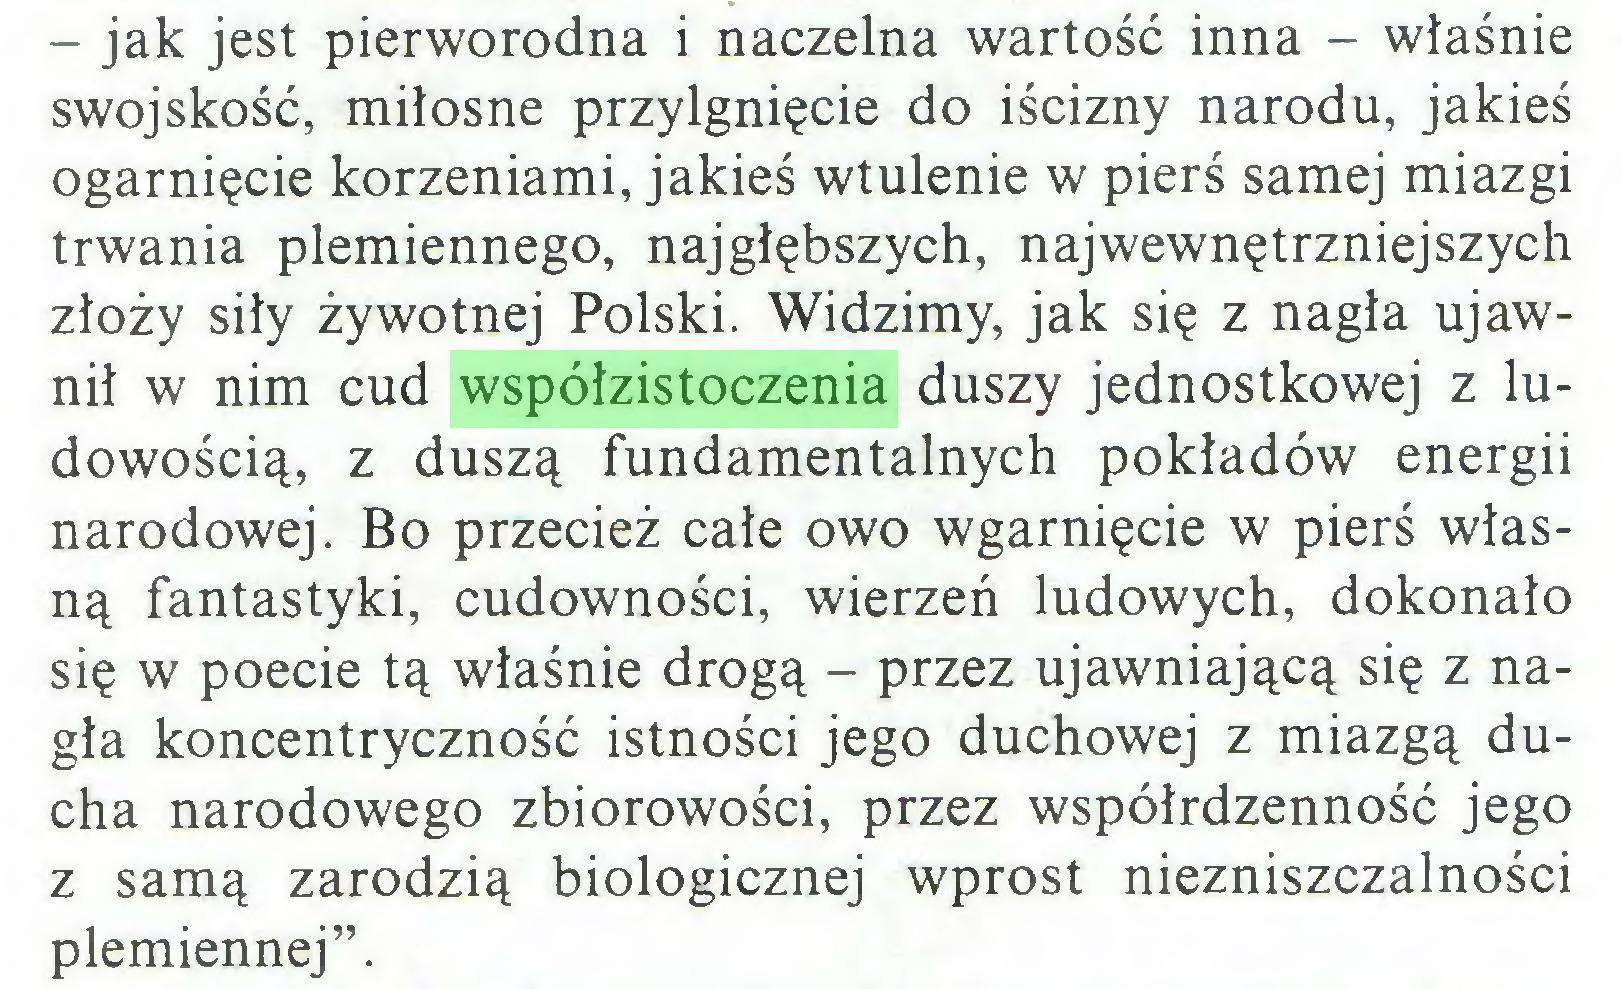 """(...) - jak jest pierworodna i naczelna wartość inna - właśnie swojskość, miłosne przylgnięcie do iścizny narodu, jakieś ogarnięcie korzeniami, jakieś wtulenie w pierś samej miazgi trwania plemiennego, najgłębszych, najwewnętrzniejszych złoży siły żywotnej Polski. Widzimy, jak się z nagła ujawnił w nim cud współzistoczenia duszy jednostkowej z ludowością, z duszą fundamentalnych pokładów energii narodowej. Bo przecież całe owo wgarnięcie w pierś własną fantastyki, cudowności, wierzeń ludowych, dokonało się w poecie tą właśnie drogą - przez ujawniającą się z nagła koncentryczność istności jego duchowej z miazgą ducha narodowego zbiorowości, przez współrdzenność jego z samą zarodzią biologicznej wprost niezniszczalności plemiennej""""..."""